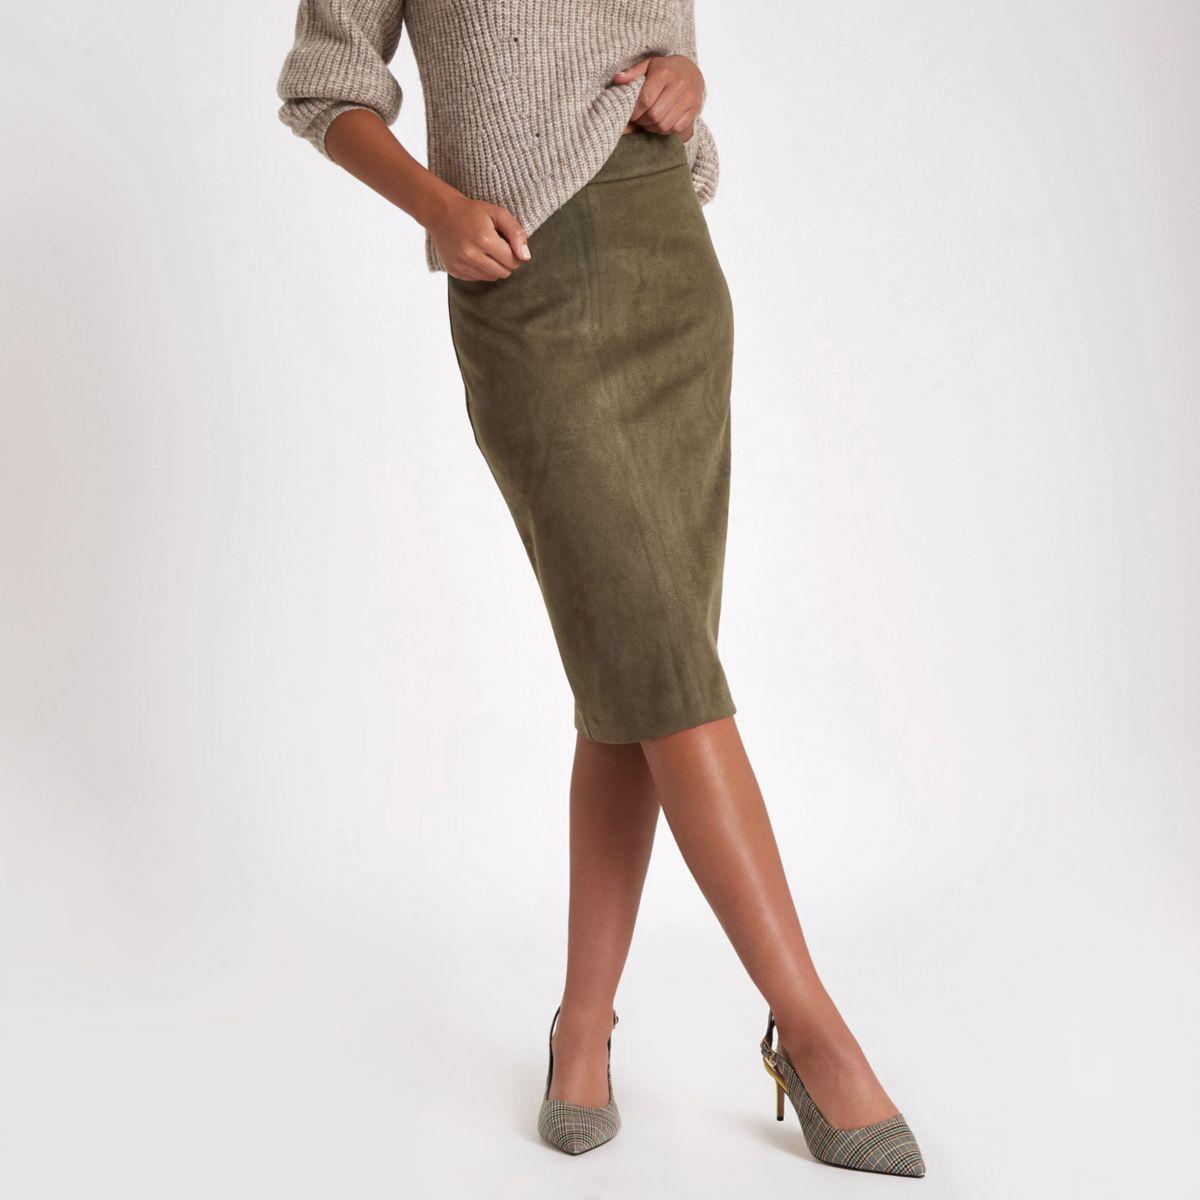 Khaki faux suede pencil skirt